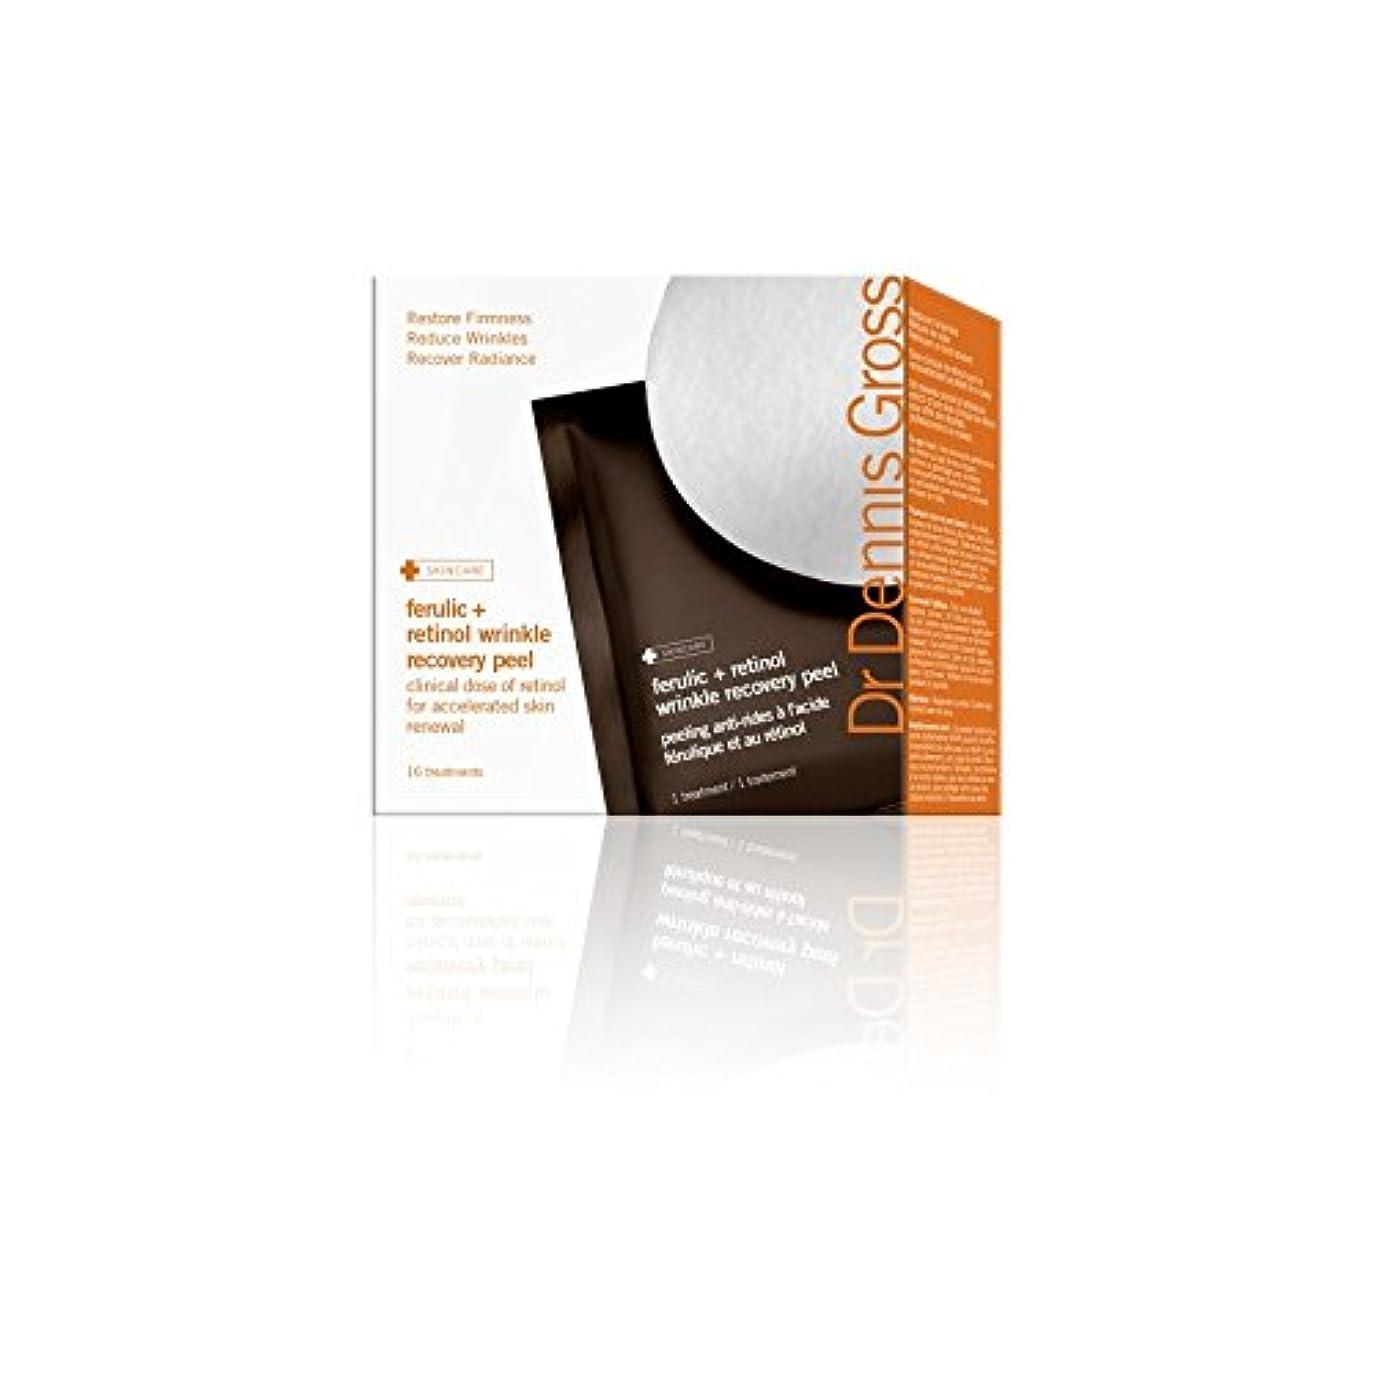 焦がす祖先リストデニース?グロスフェルラとレチノールしわ回復の皮(16パック) x4 - Dr Dennis Gross Ferulic And Retinol Wrinkle Recovery Peel (16 Pack) (Pack...